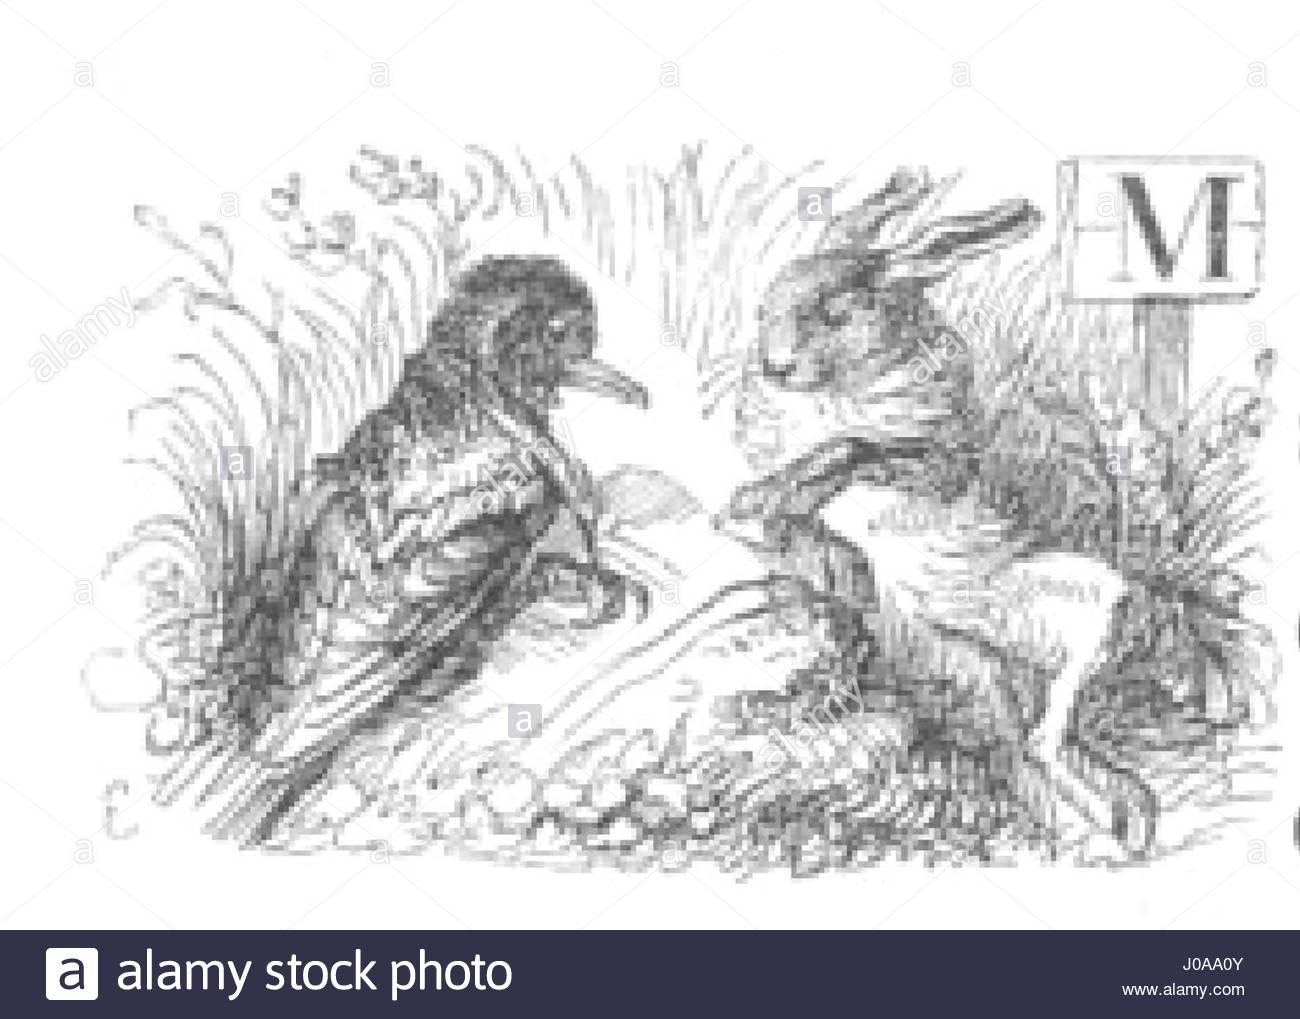 Scènes de la vie privée et publique des animaux, tome 1 0079 - Stock Image